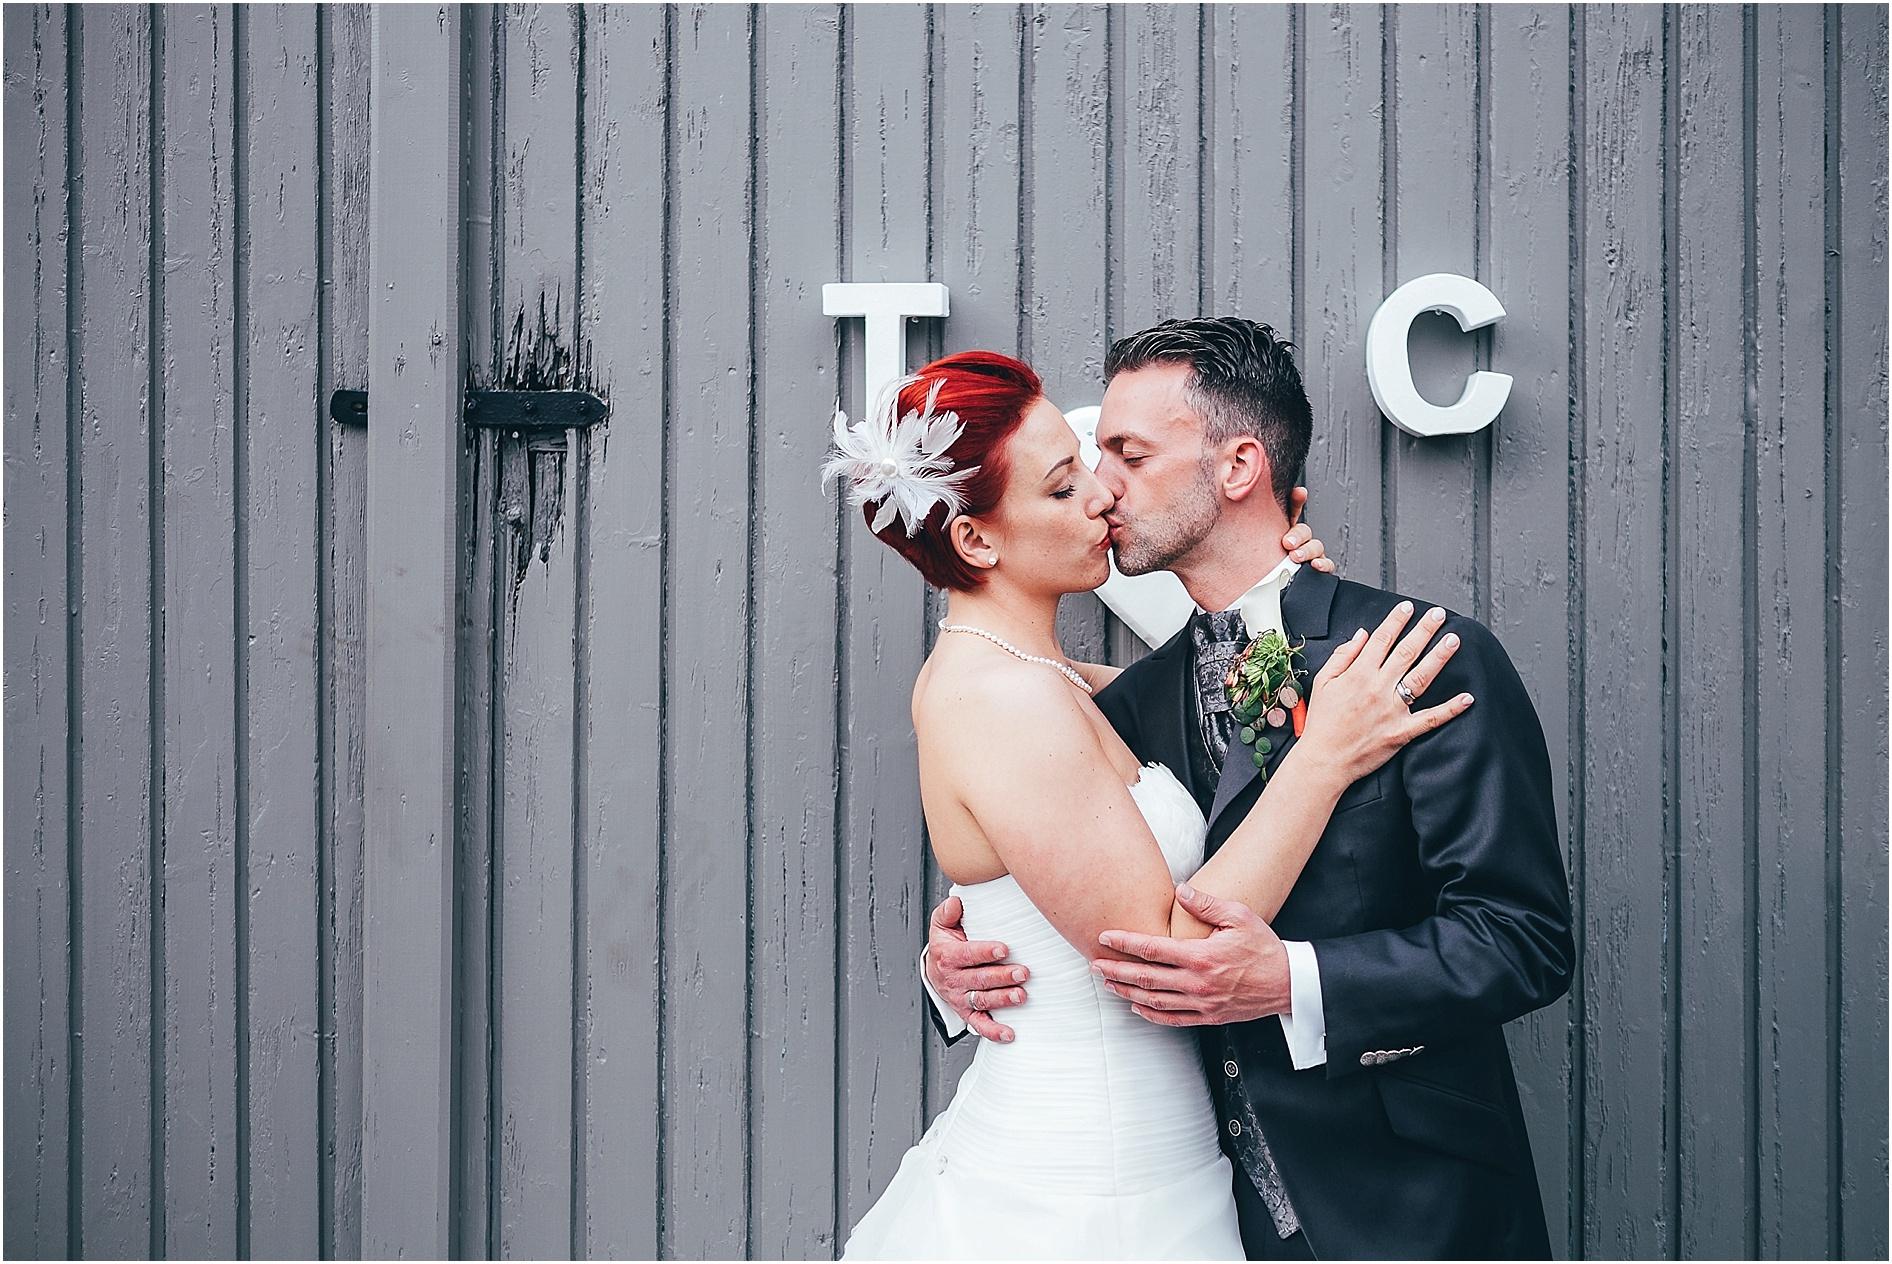 2015-10-27_0087 Tine & Chrischan - Hochzeitsfilm & Fotos in Lüneburg